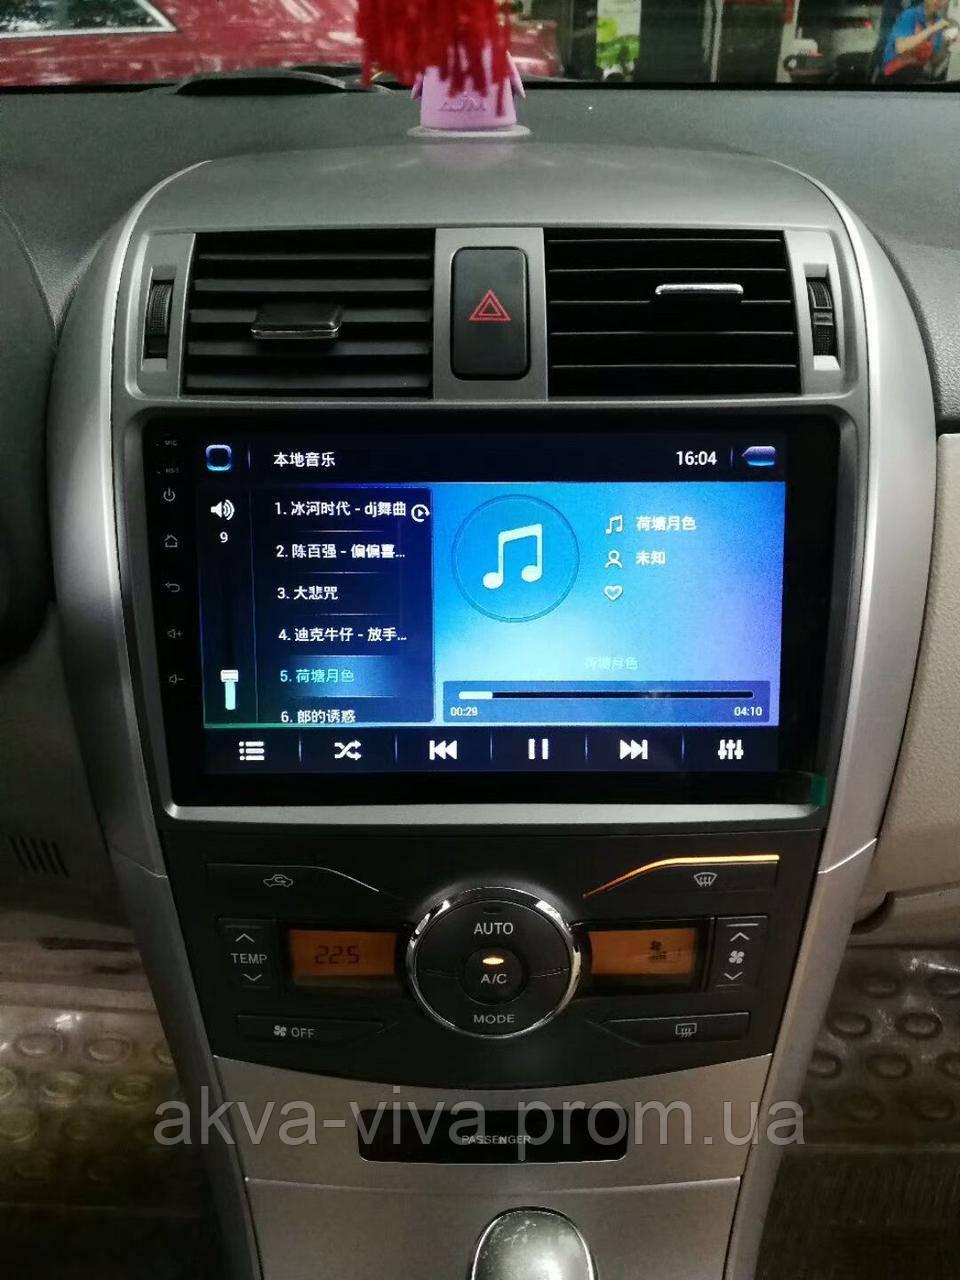 Штатная автомагнитола Toyota Corolla 2007-2013 на Android с хорошей звуковой настройкой (М-ТКр-9) 2/32 Гб